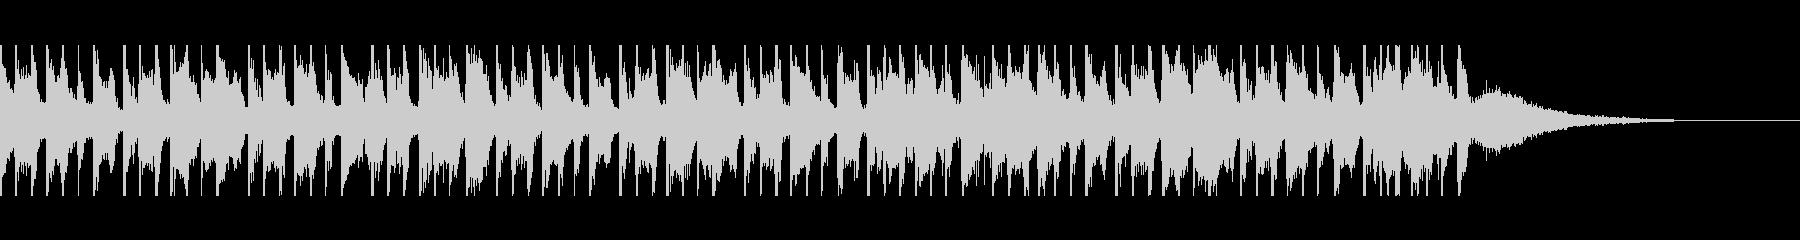 ベリーダンス(30秒)の未再生の波形